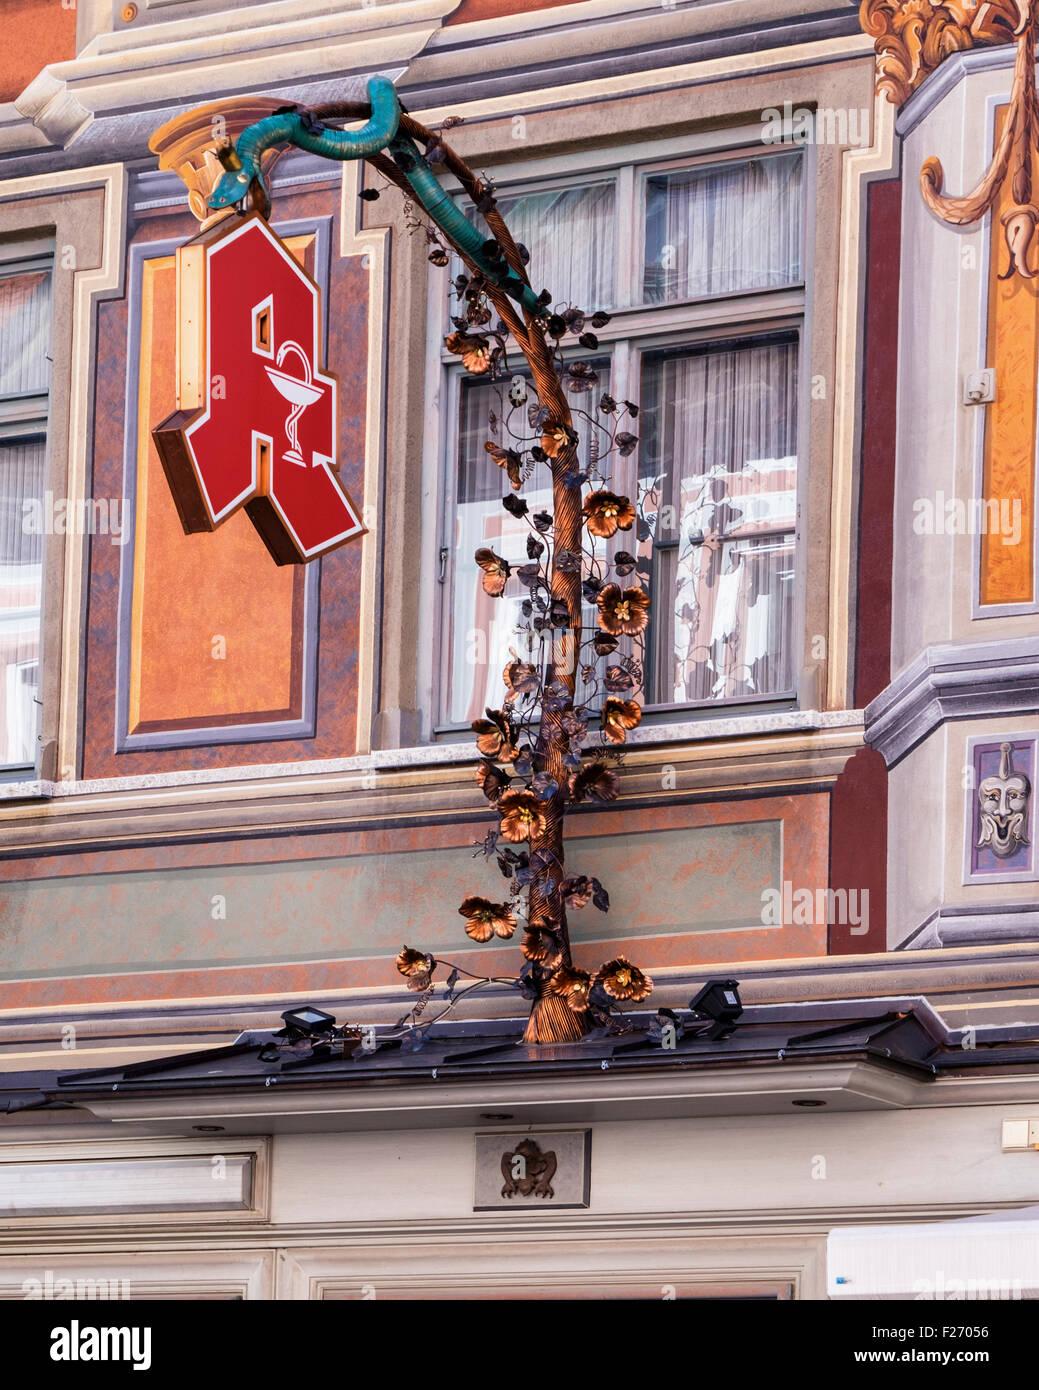 Stadt-Apotheke, historische Stadtapotheke dekorative Zeichen. Füssen Stadt, Ostallgaü, Bayern, Deutschland Stockbild